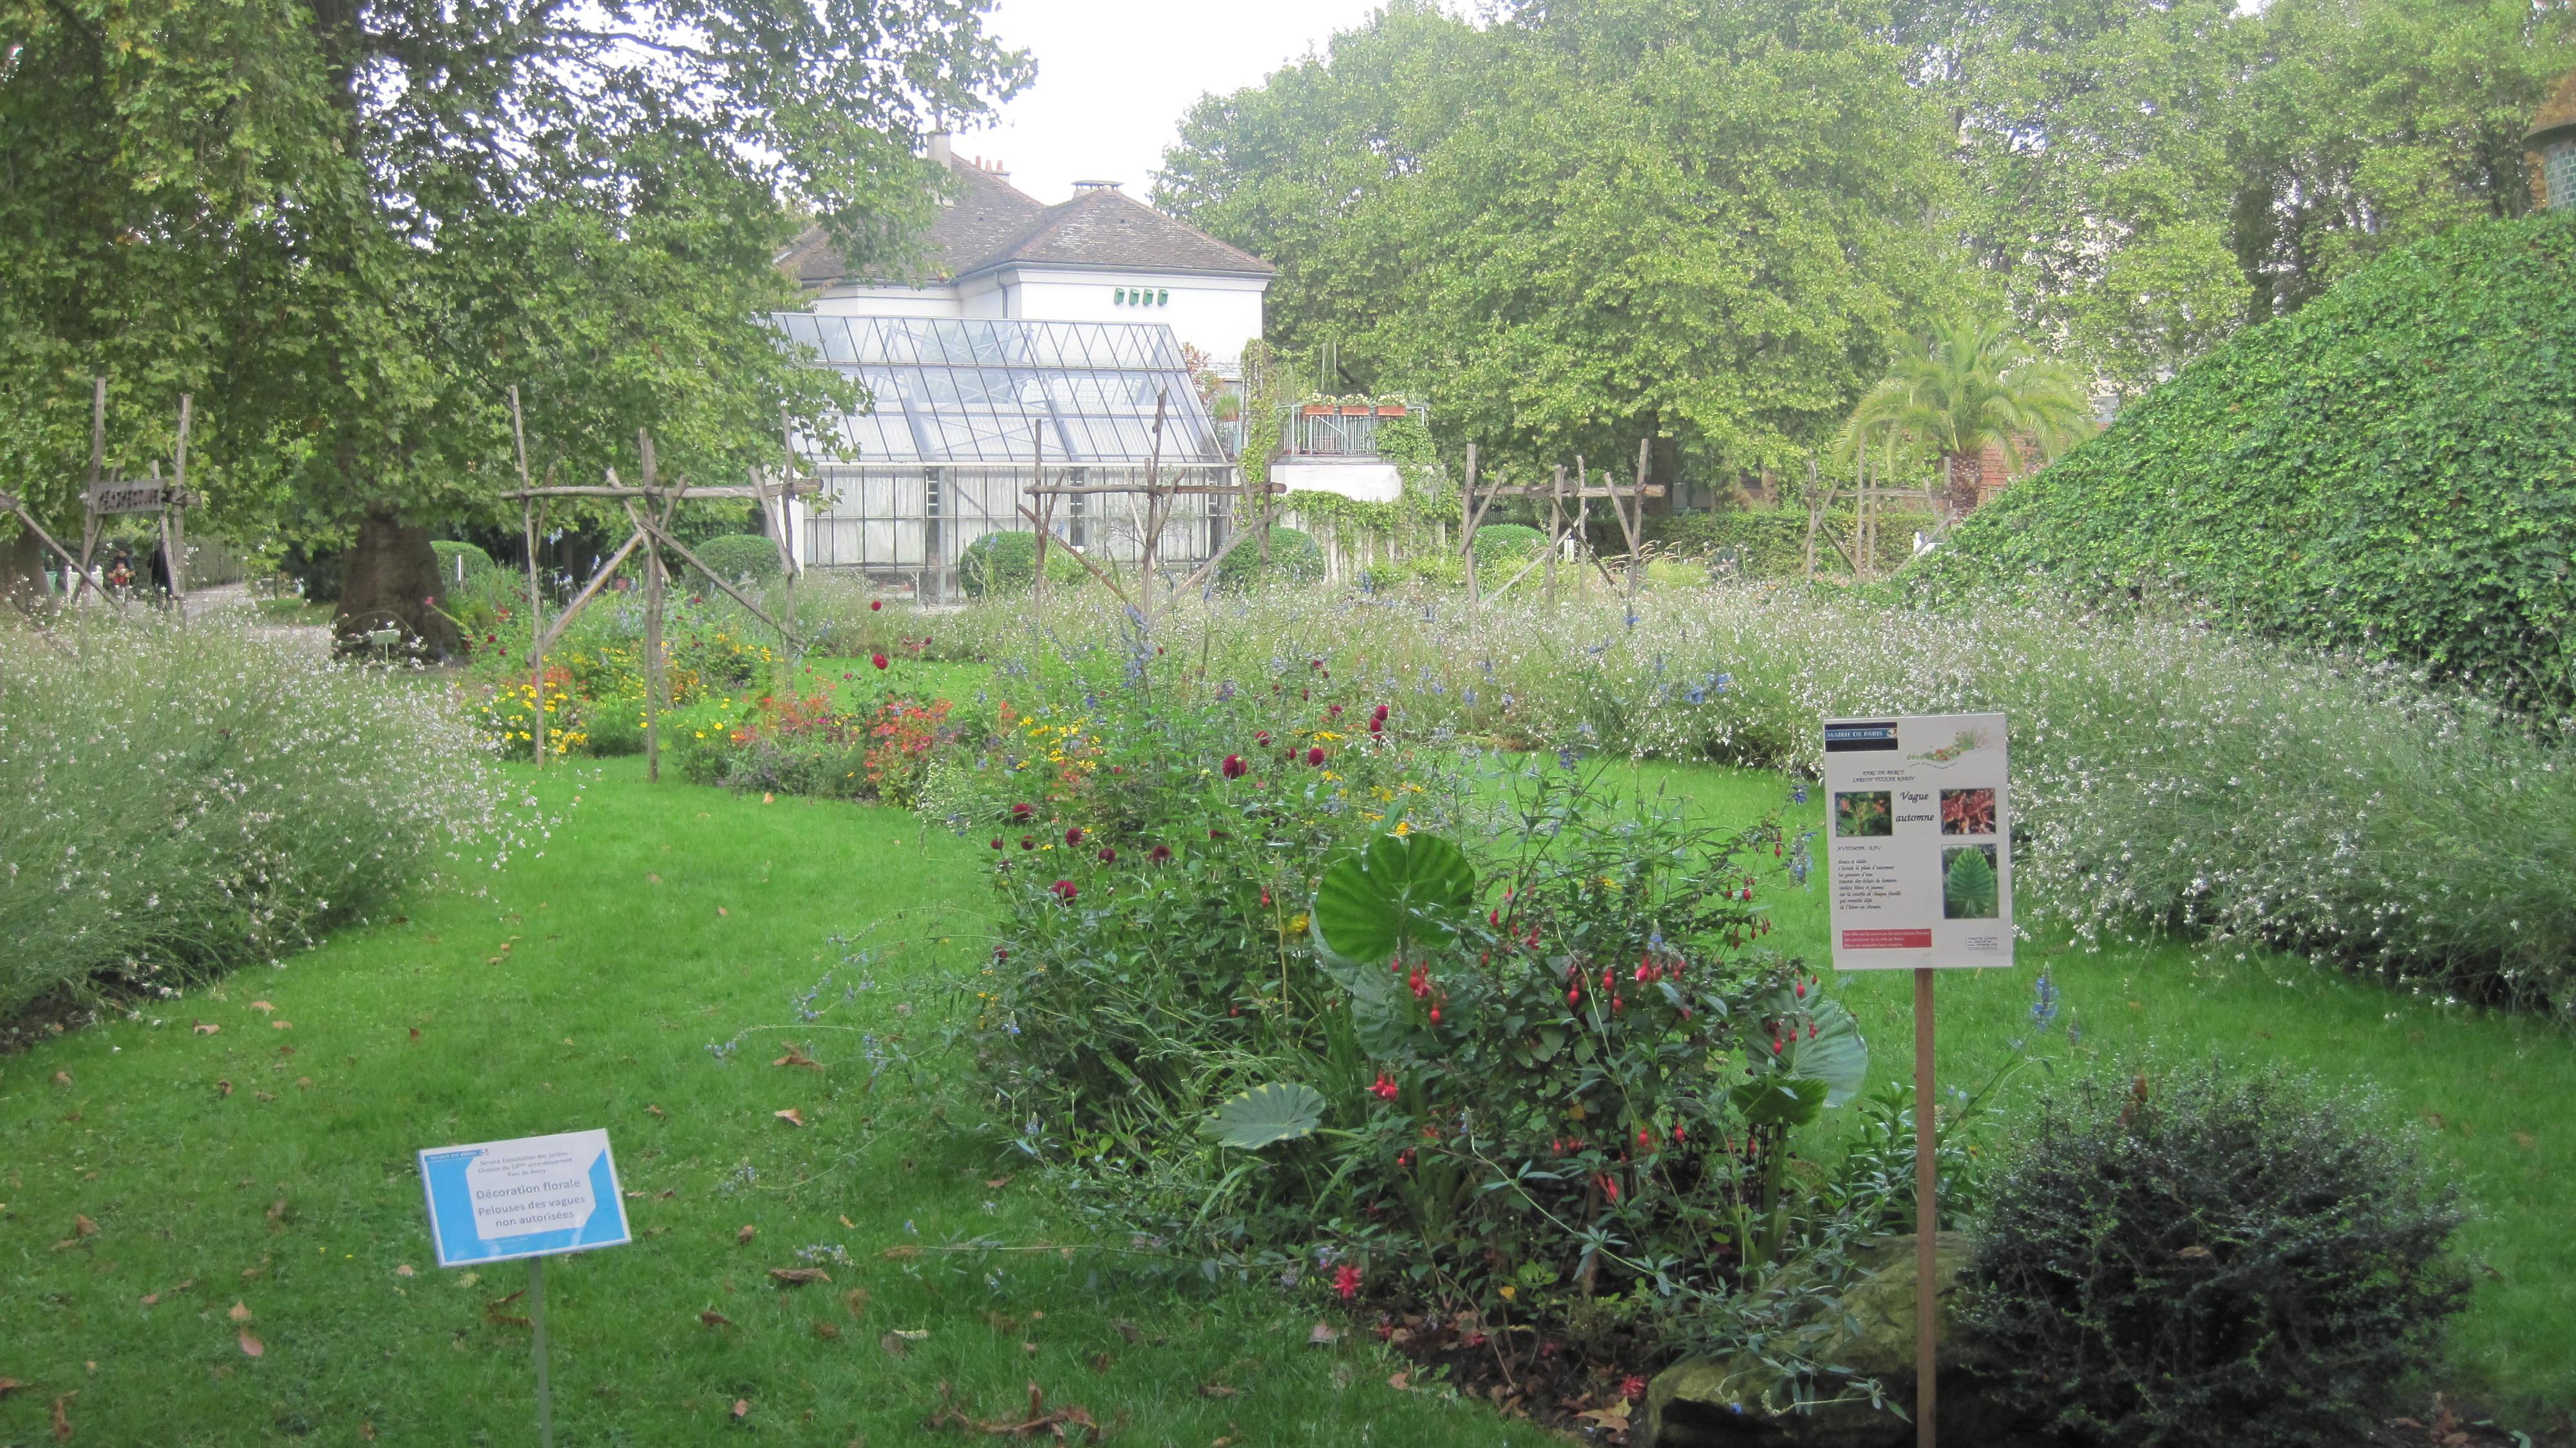 Bercy garden